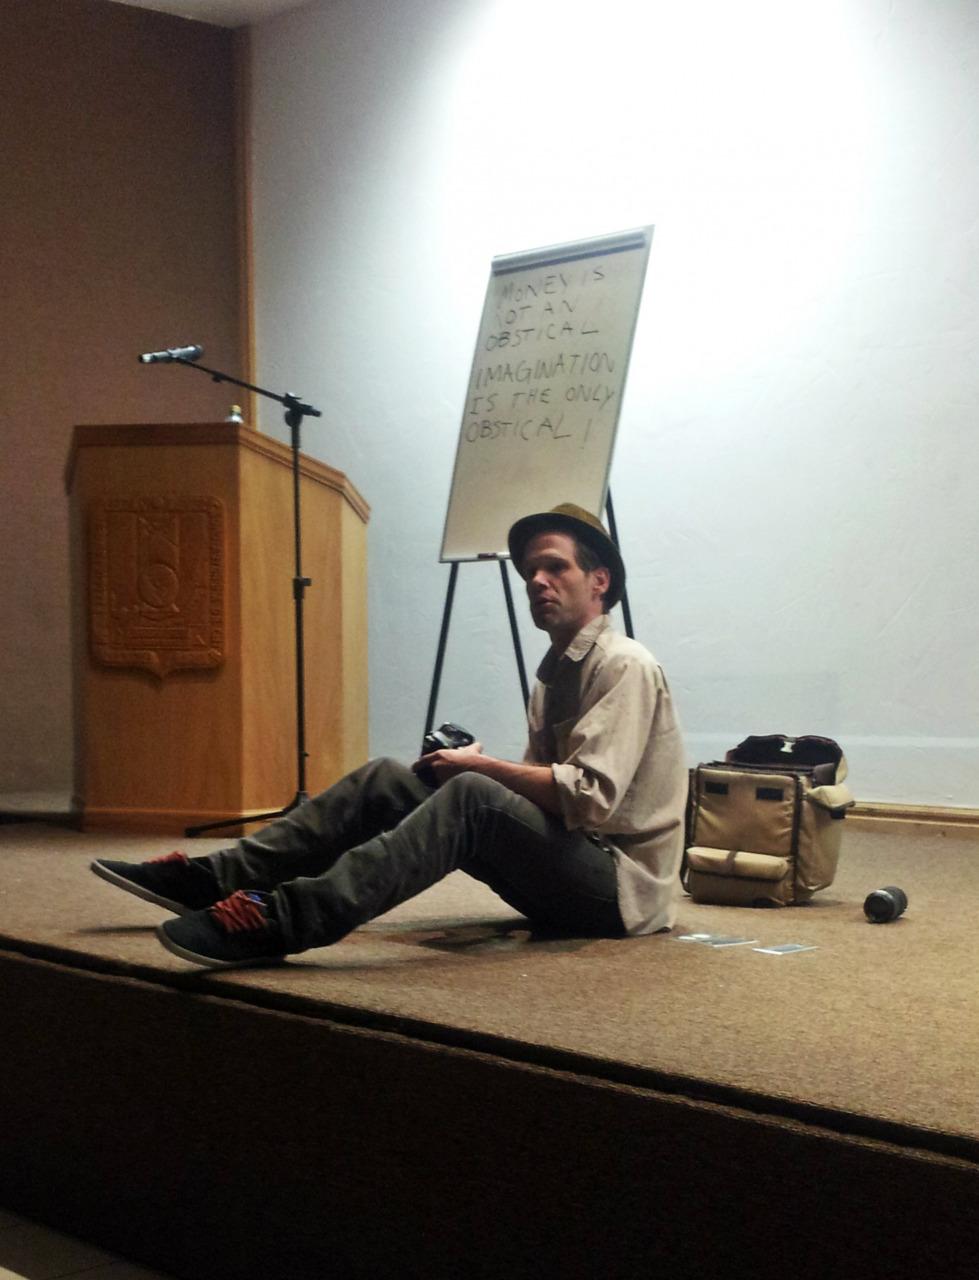 Visita Facultad de Filosofía y Letras de la UACH cineasta independiente Jefferson Elliott